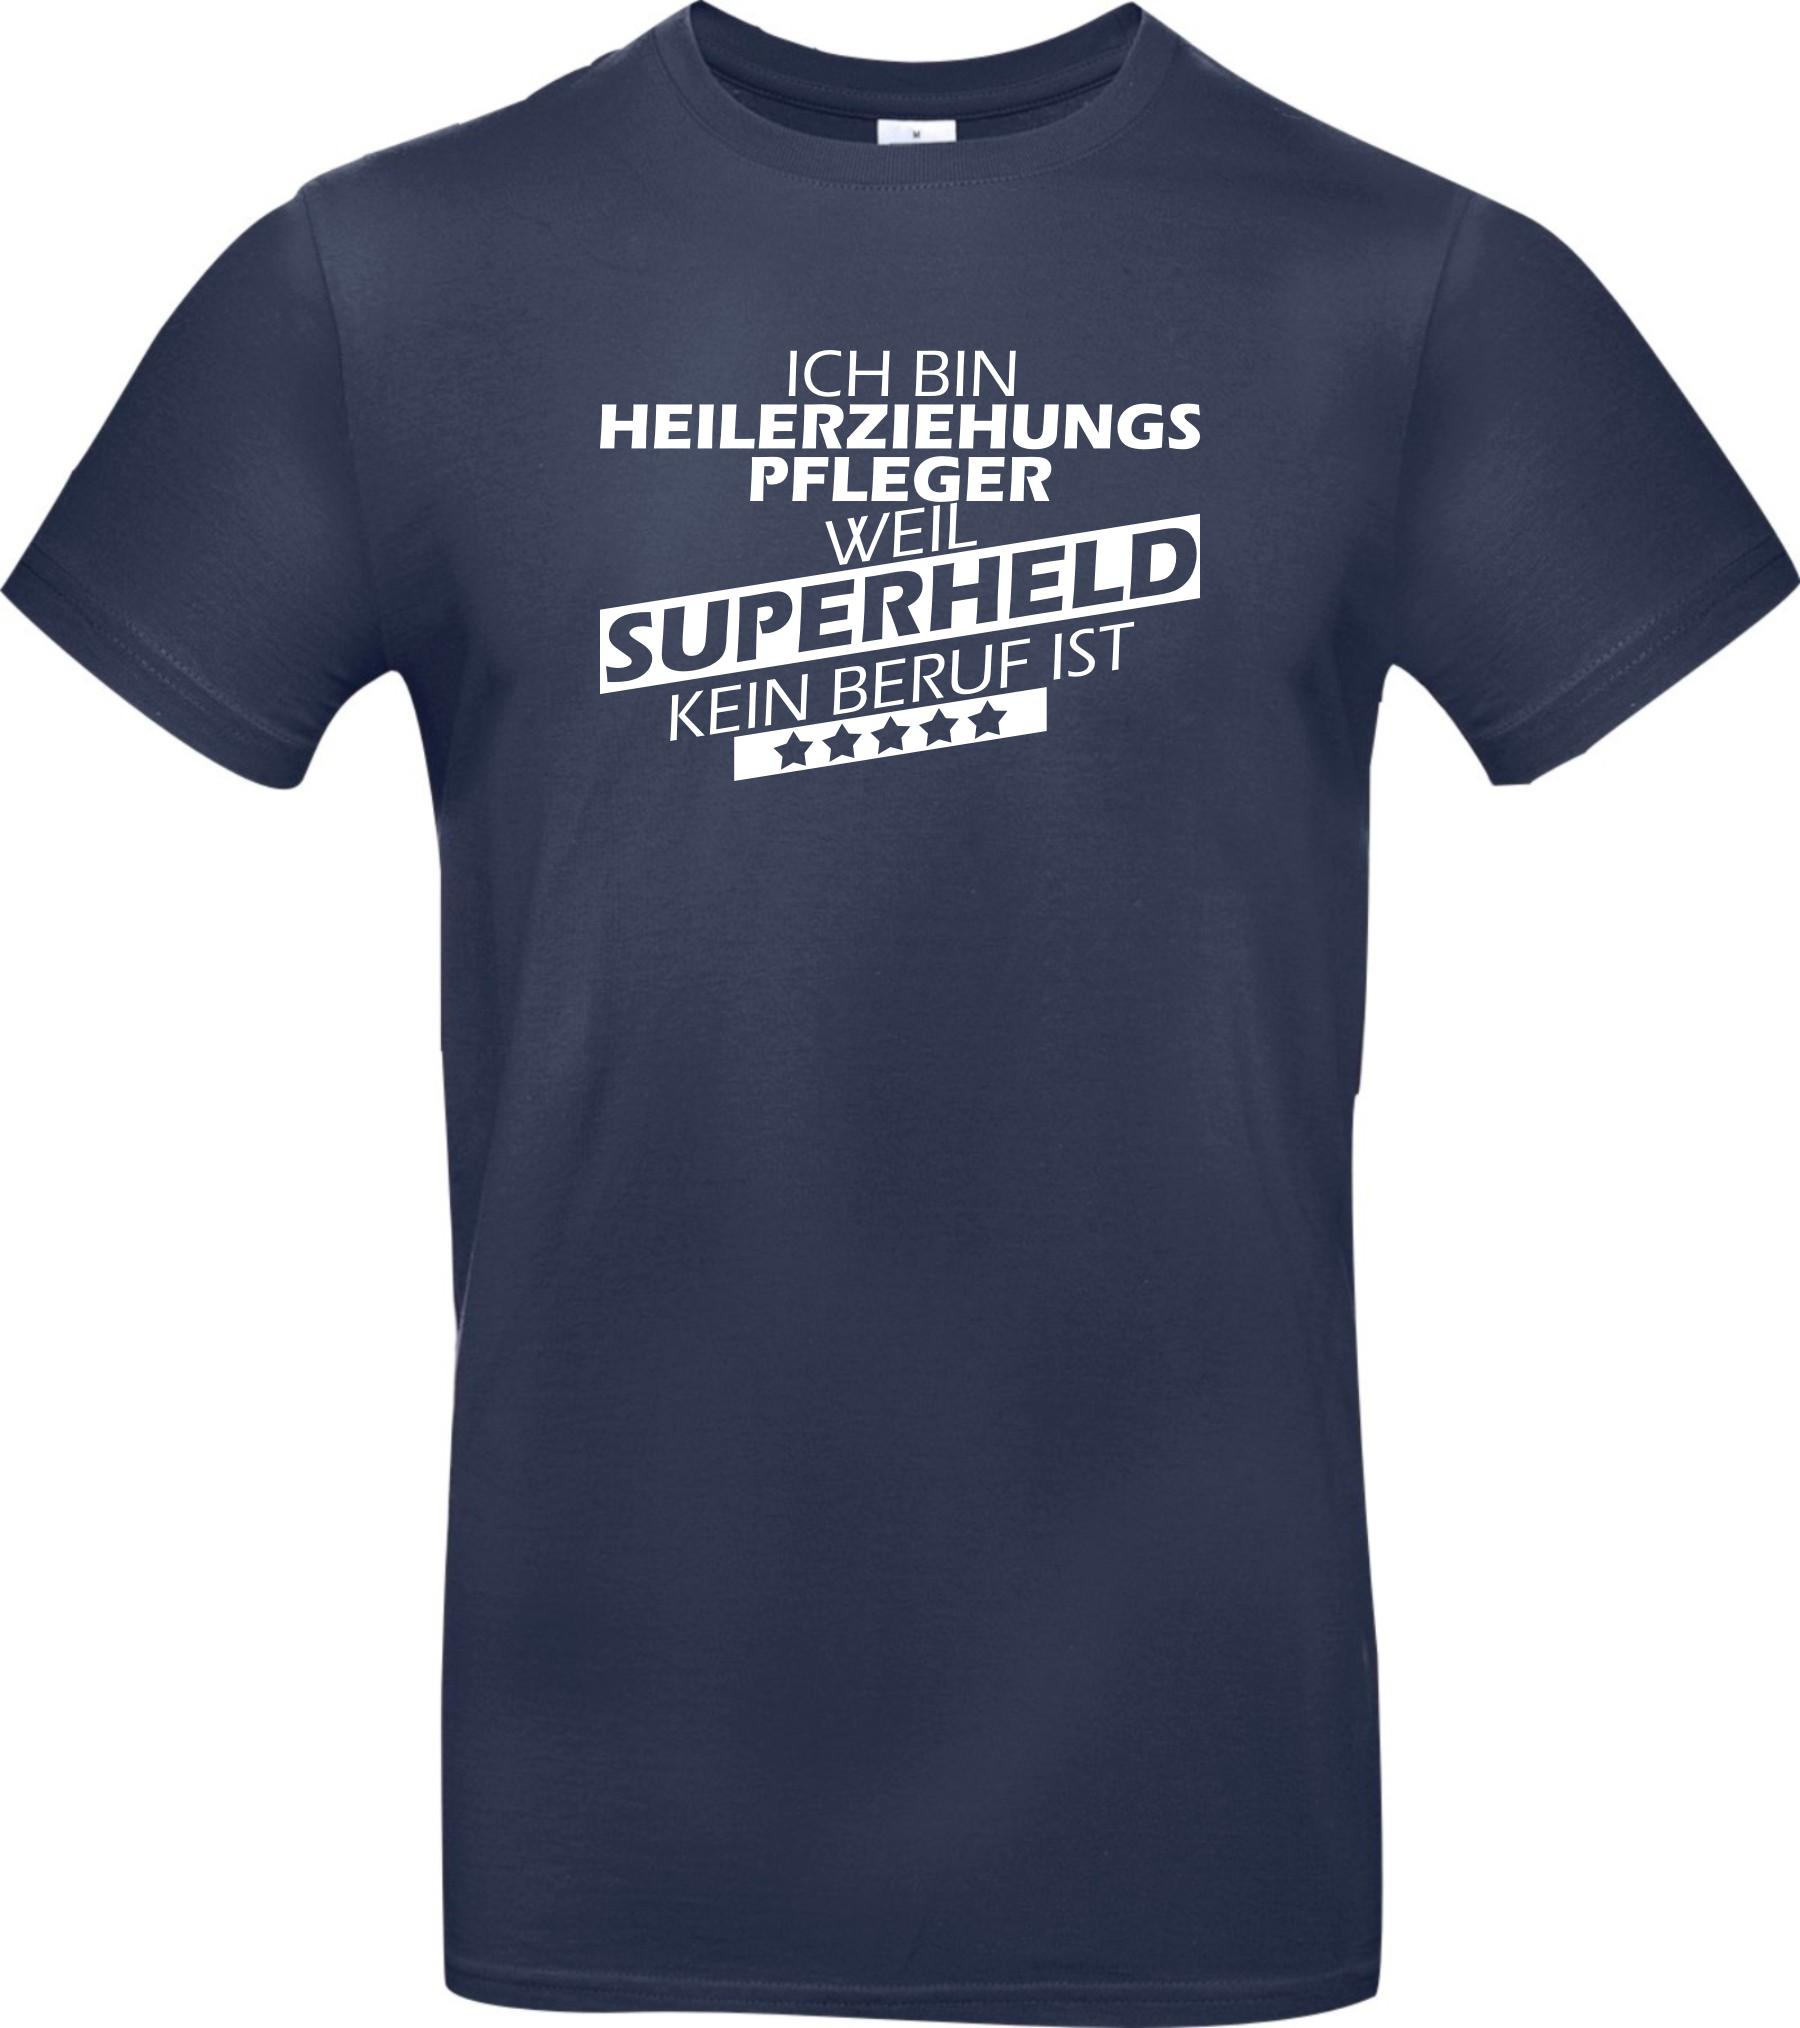 Shirtstown-Maenner-Shirt-Ich-bin-Heilerziehungspfleger-weil-Superheld-kein-Beruf